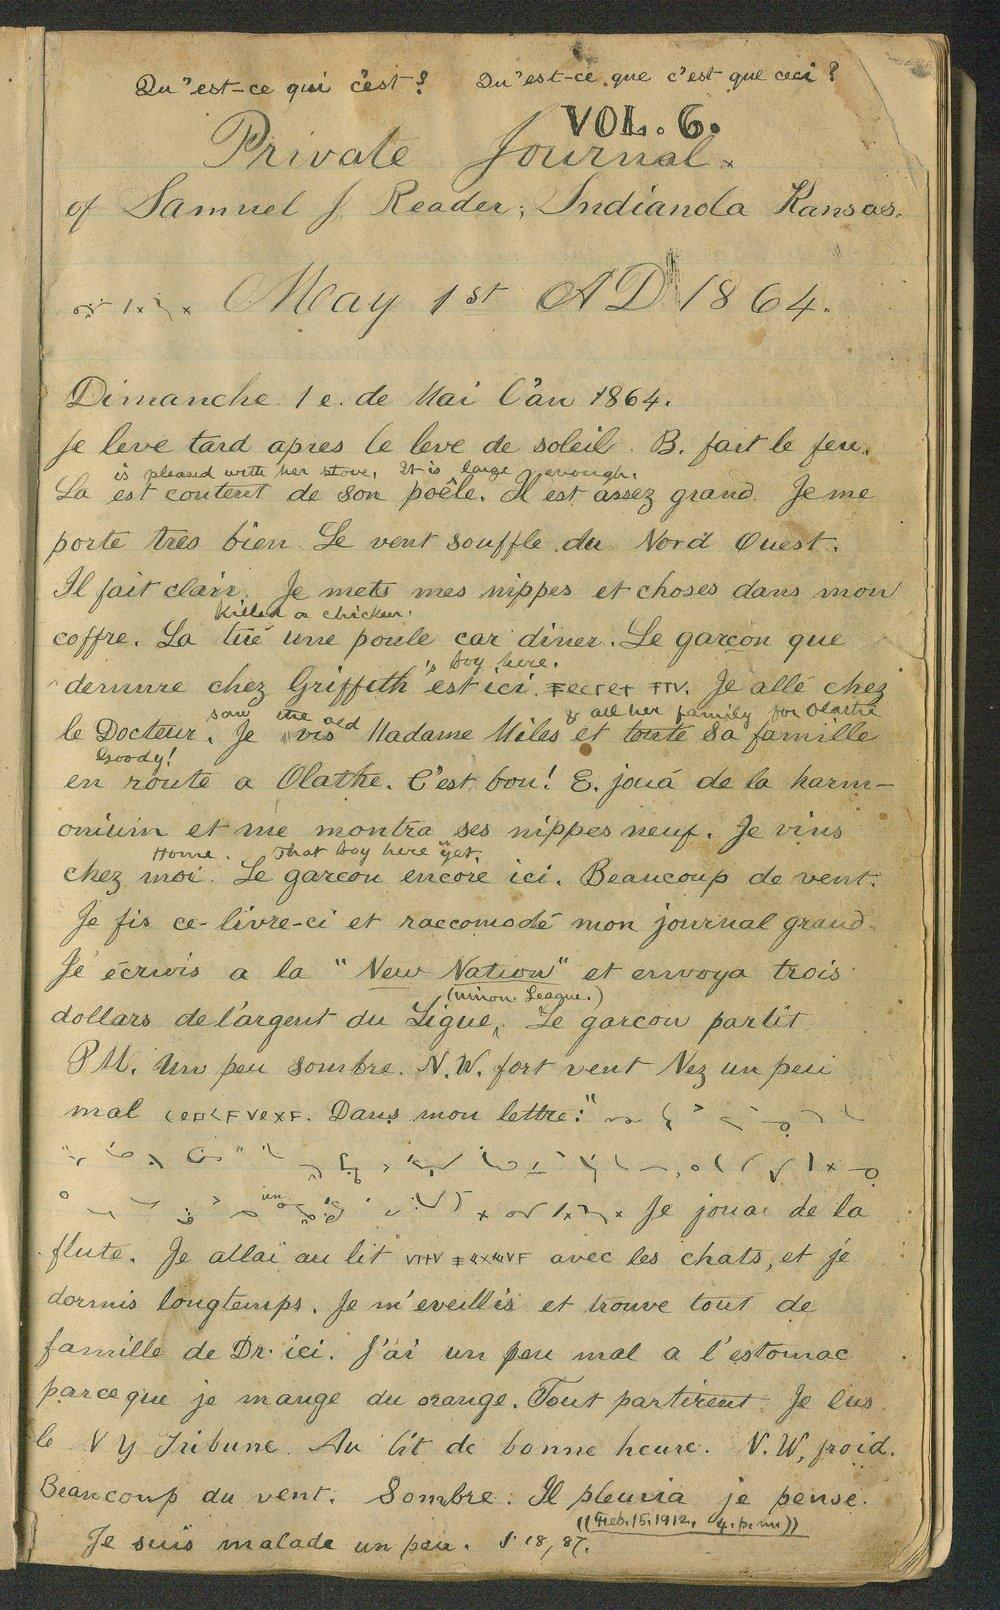 Samuel Reader's diary, volume 6 - 1